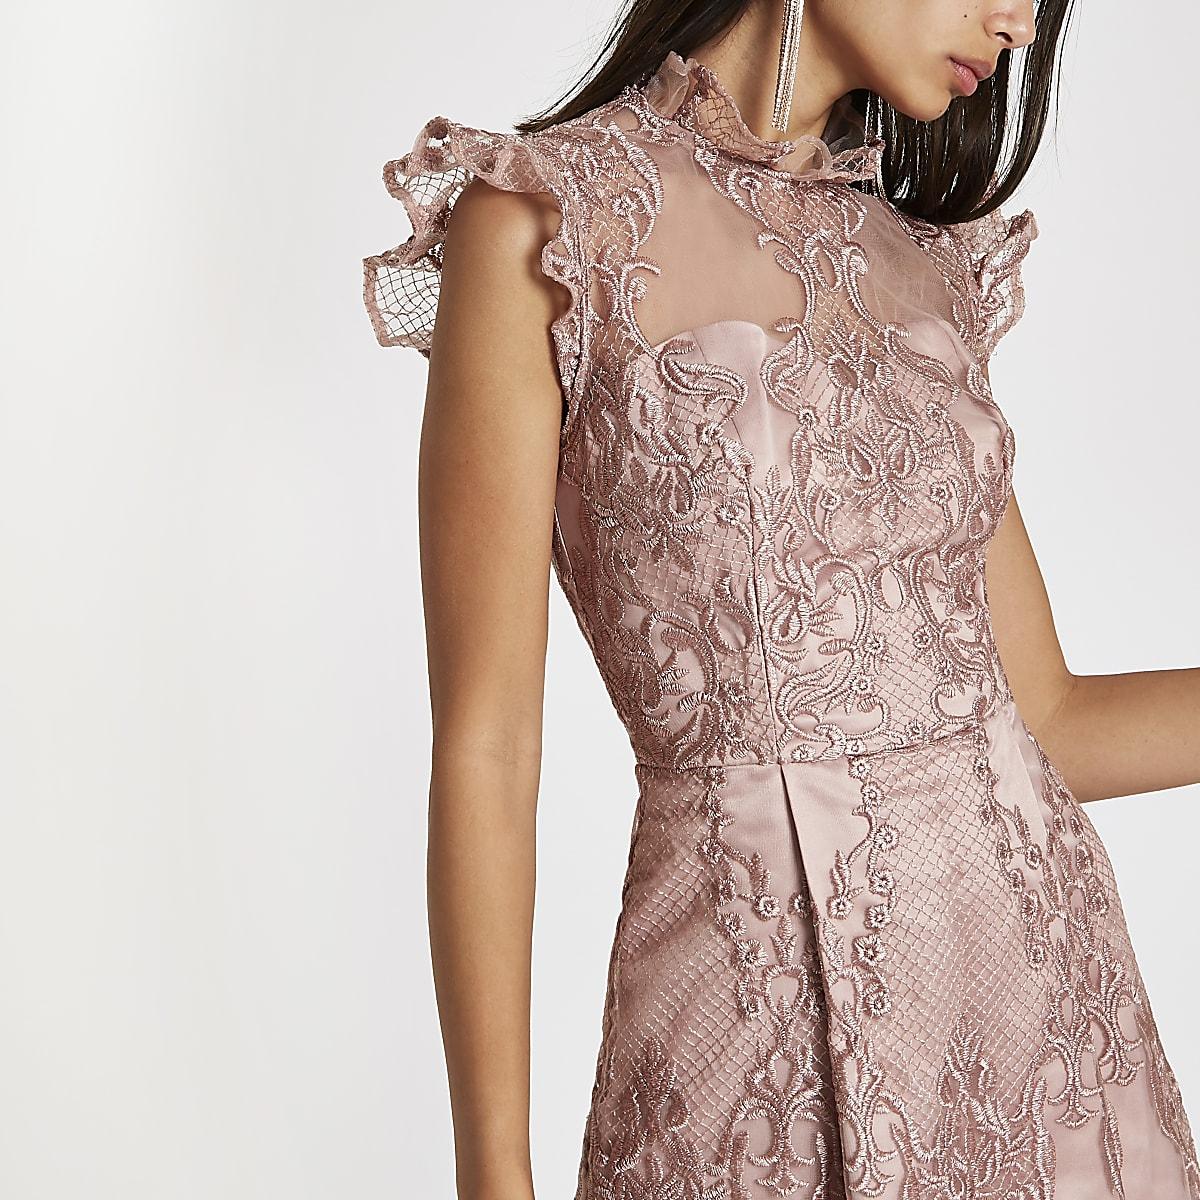 c0473f537d8d8a Chi Chi London - Roze kanten wijduitlopende jurk - Skaterjurken ...